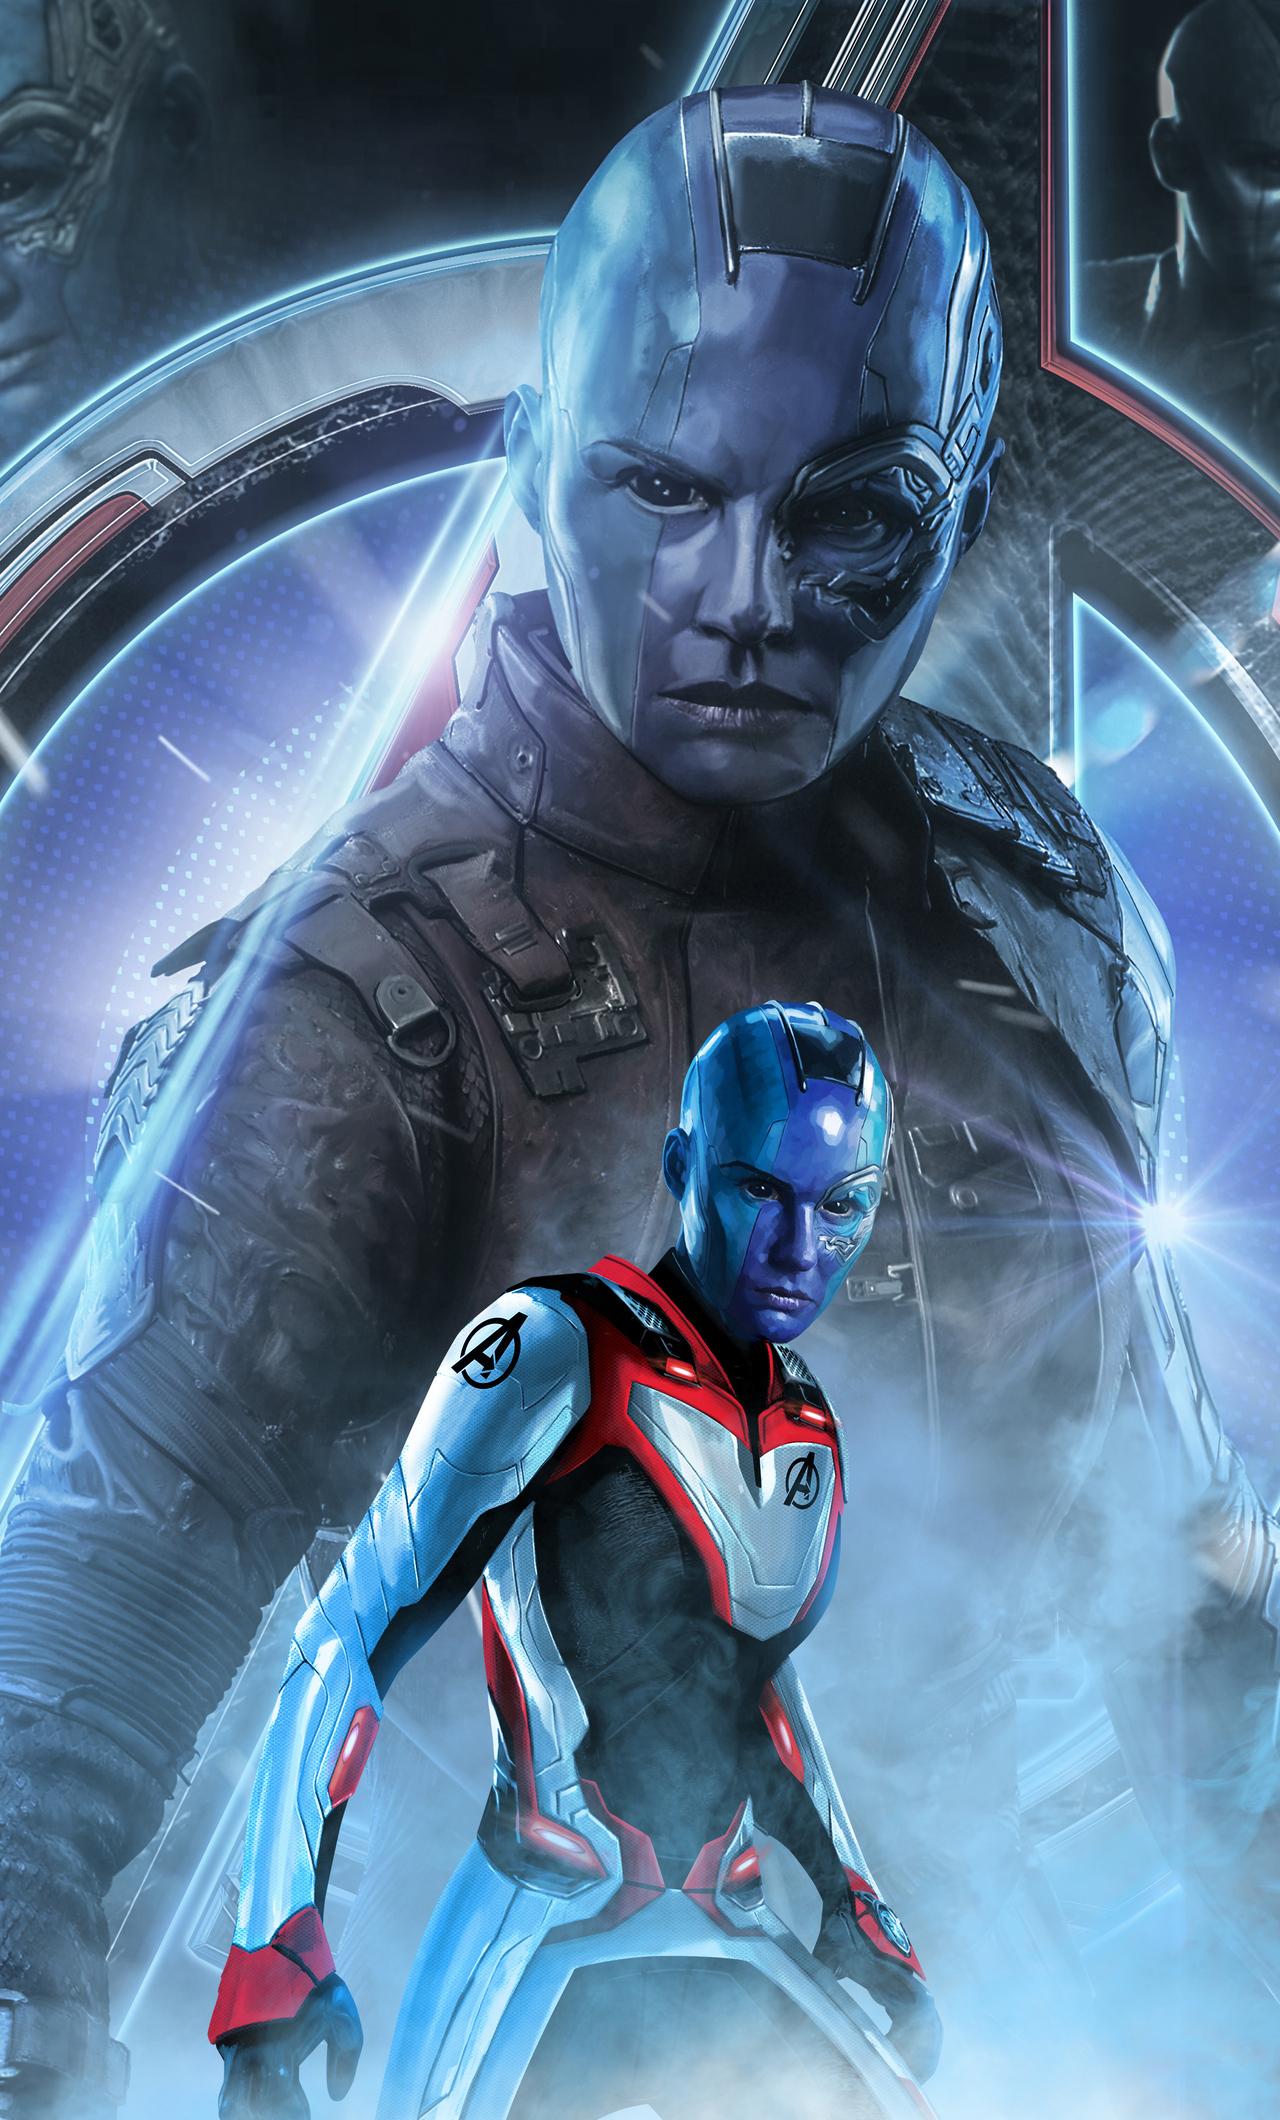 nebula-in-avengers-endgame-2019-s4.jpg